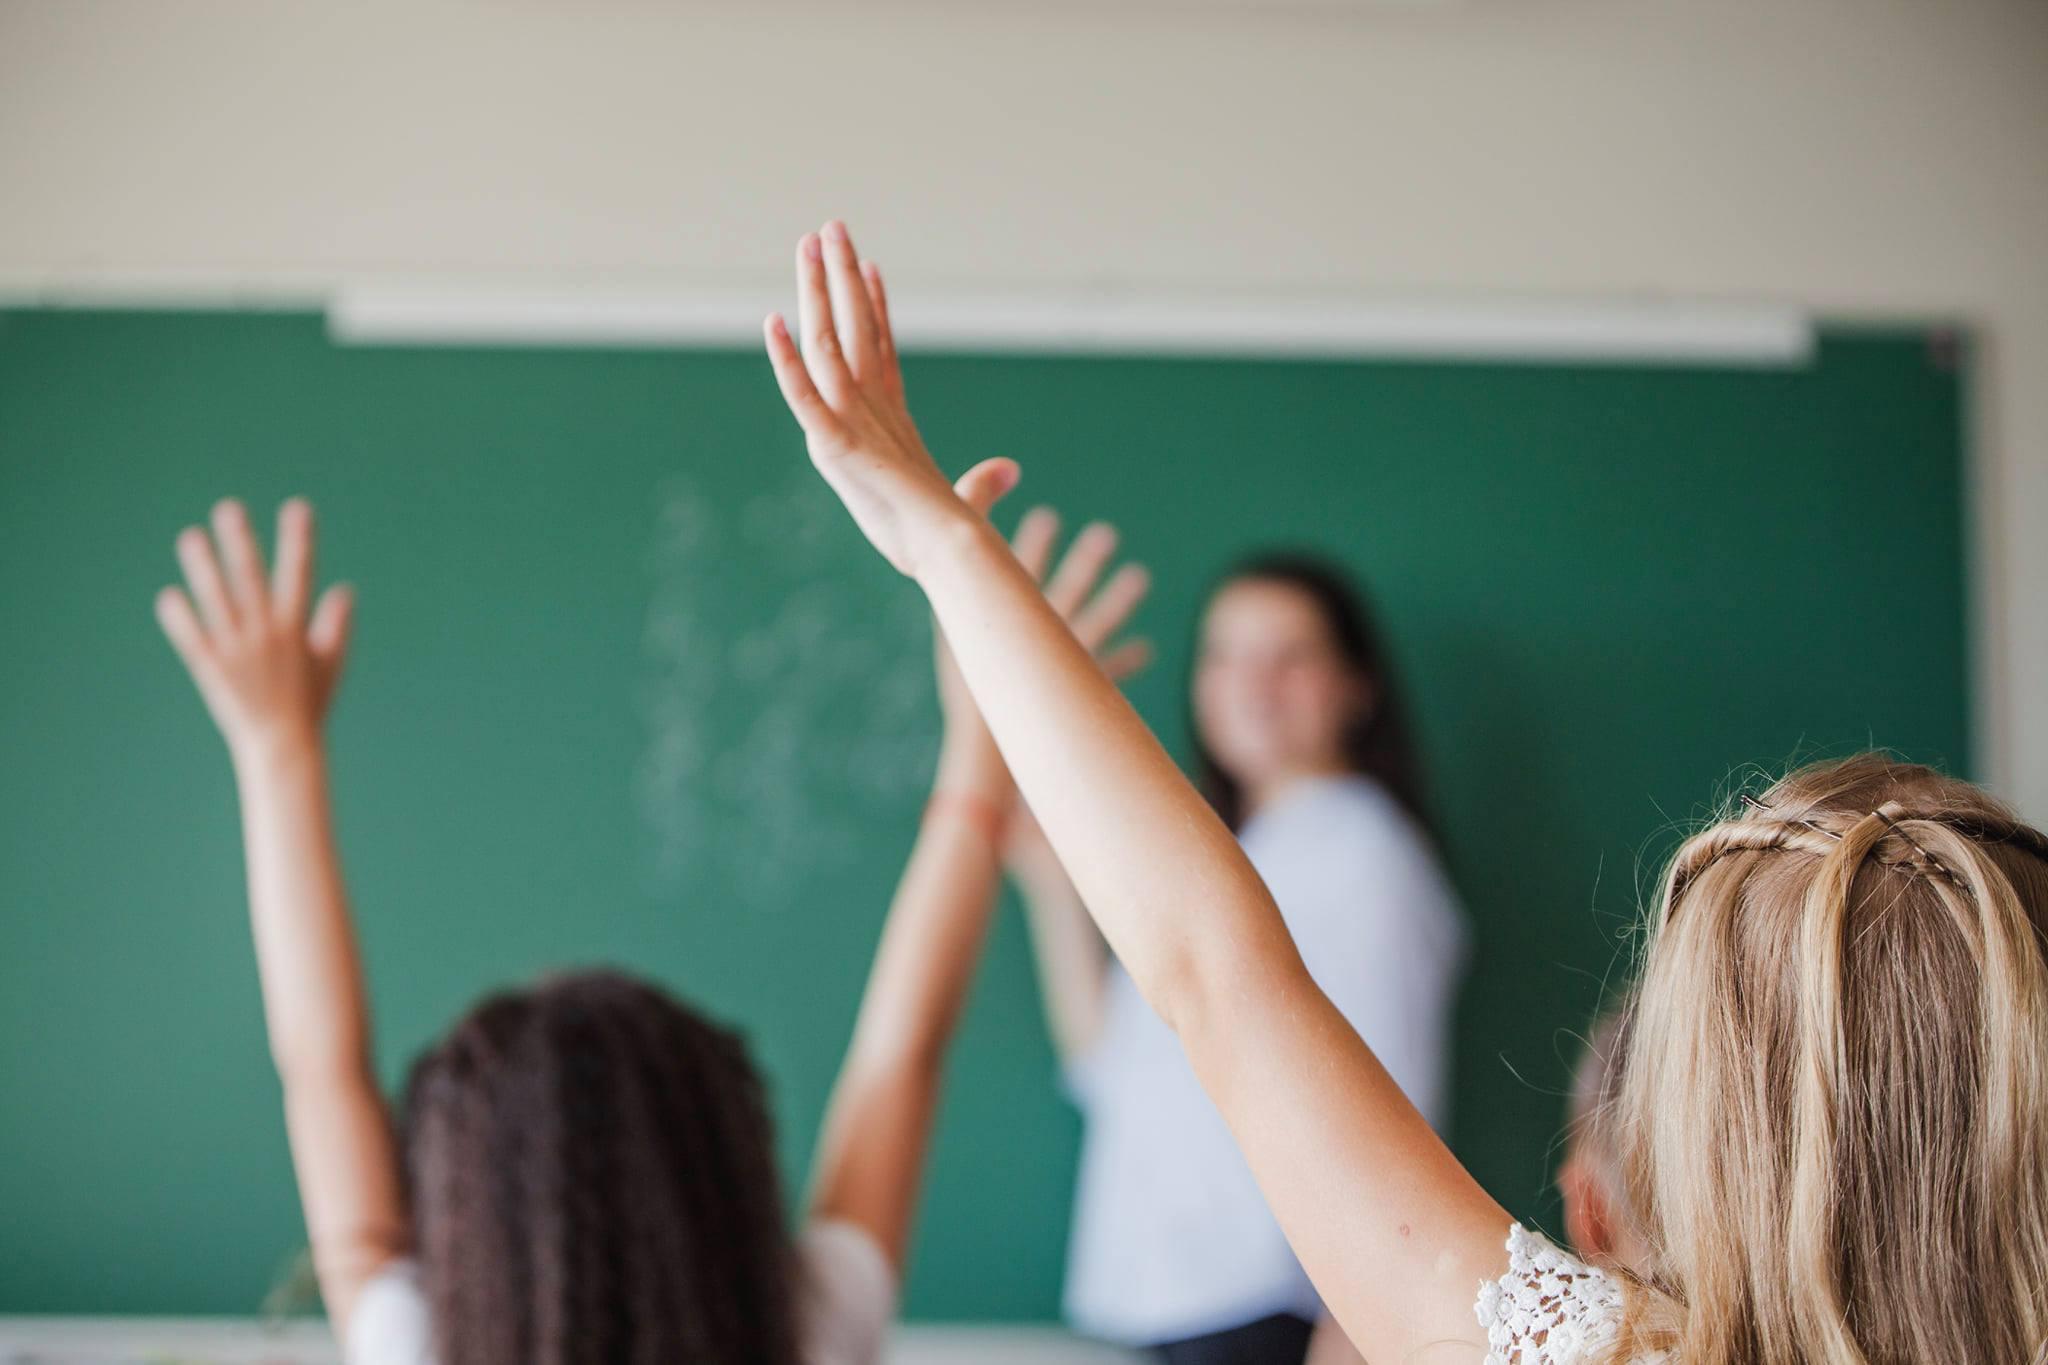 Ilustracija - djeca u školi, izvor: freepik.com